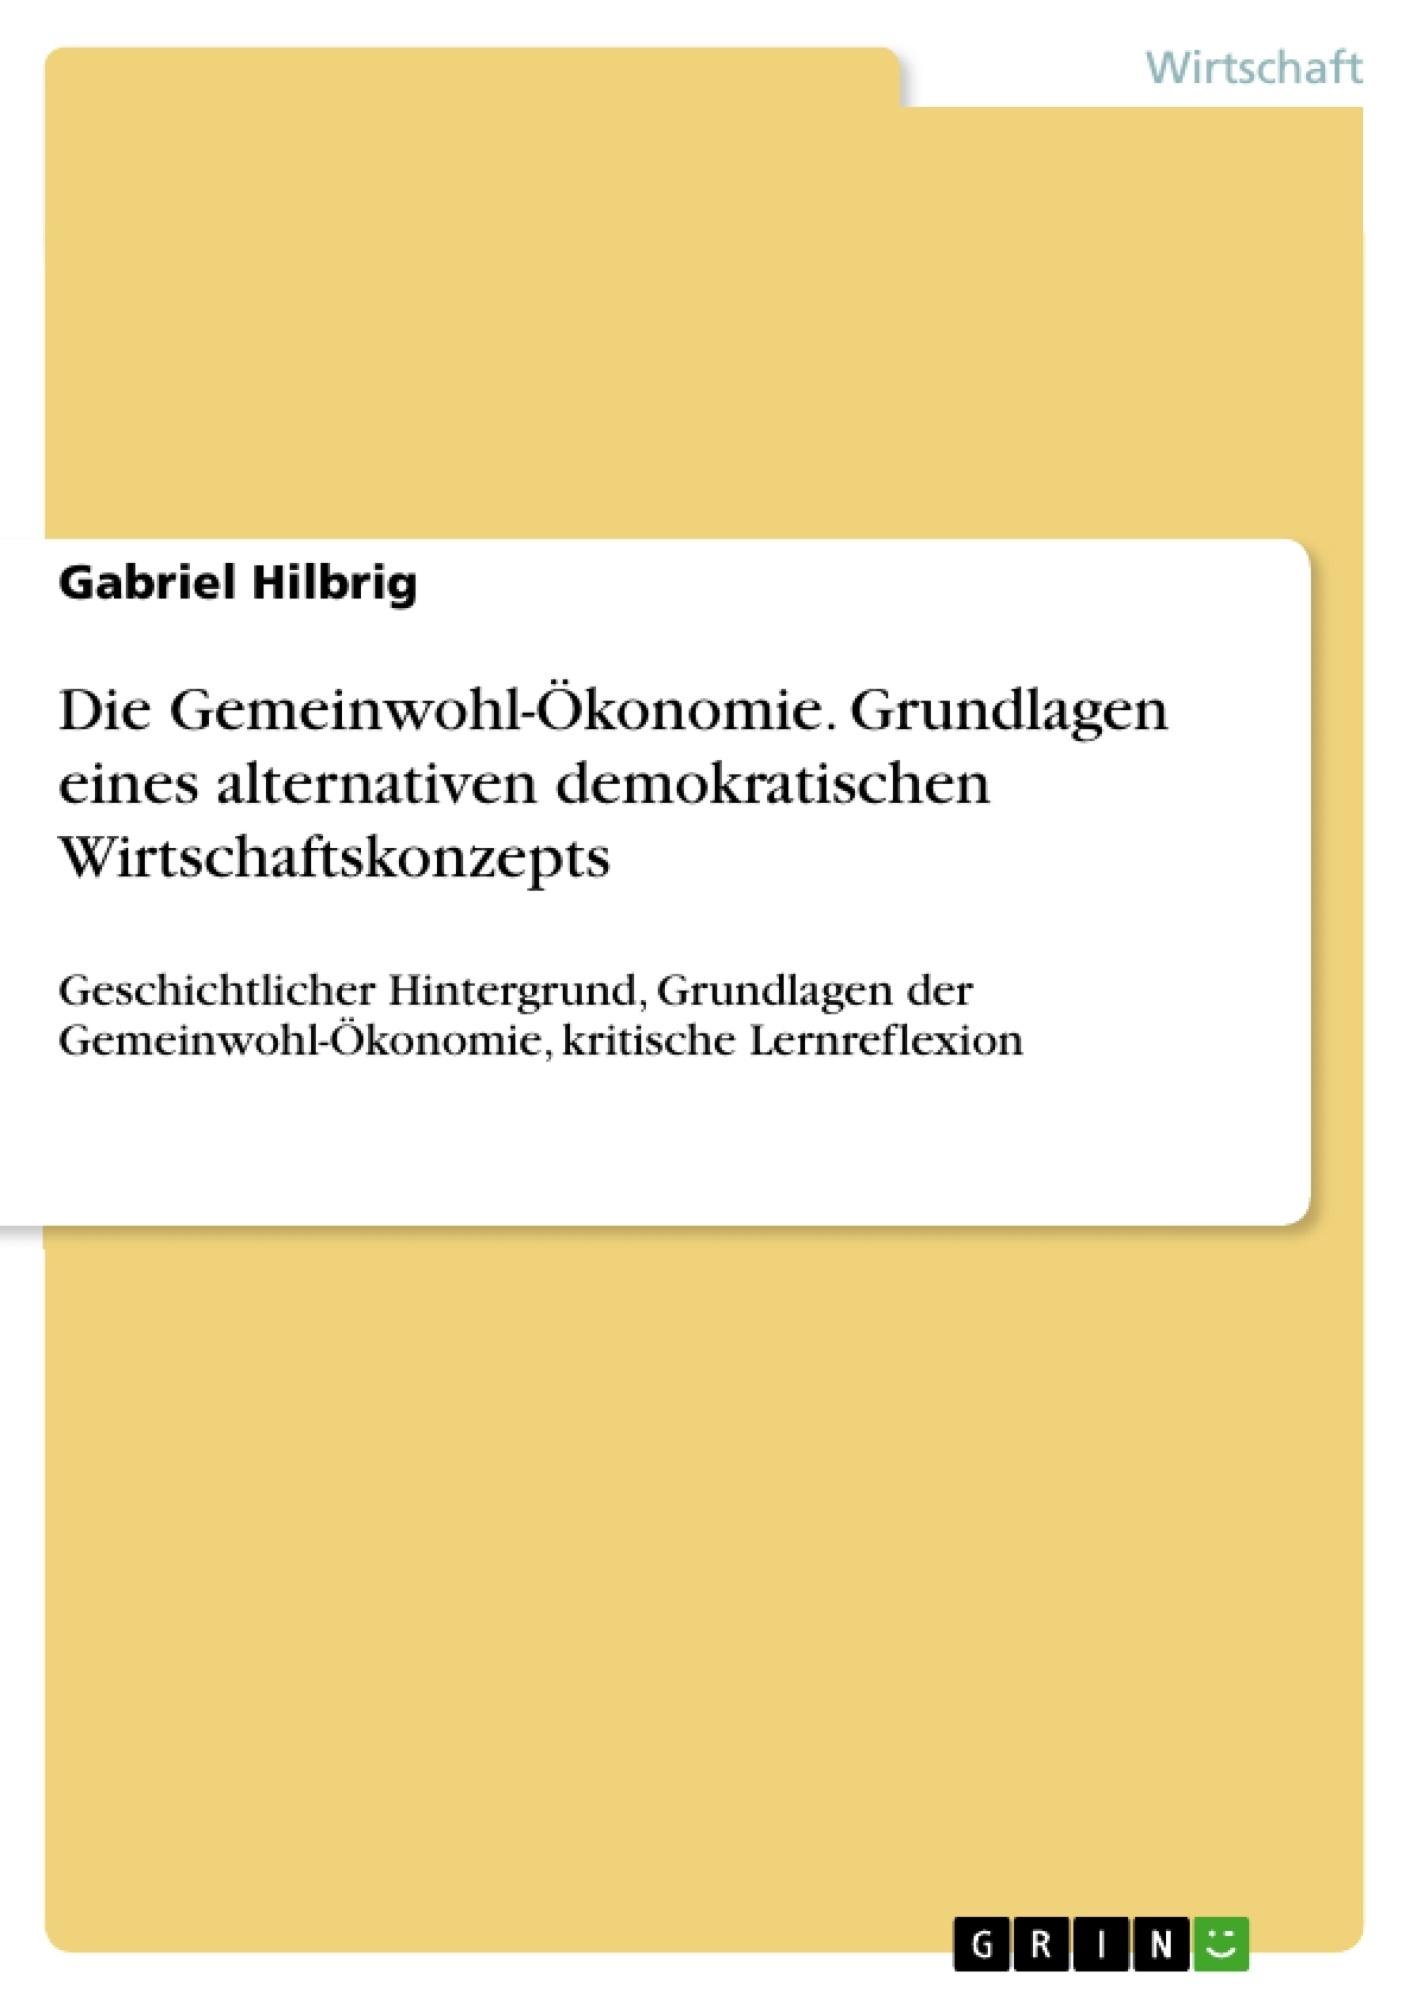 Titel: Die Gemeinwohl-Ökonomie. Grundlagen eines alternativen demokratischen Wirtschaftskonzepts